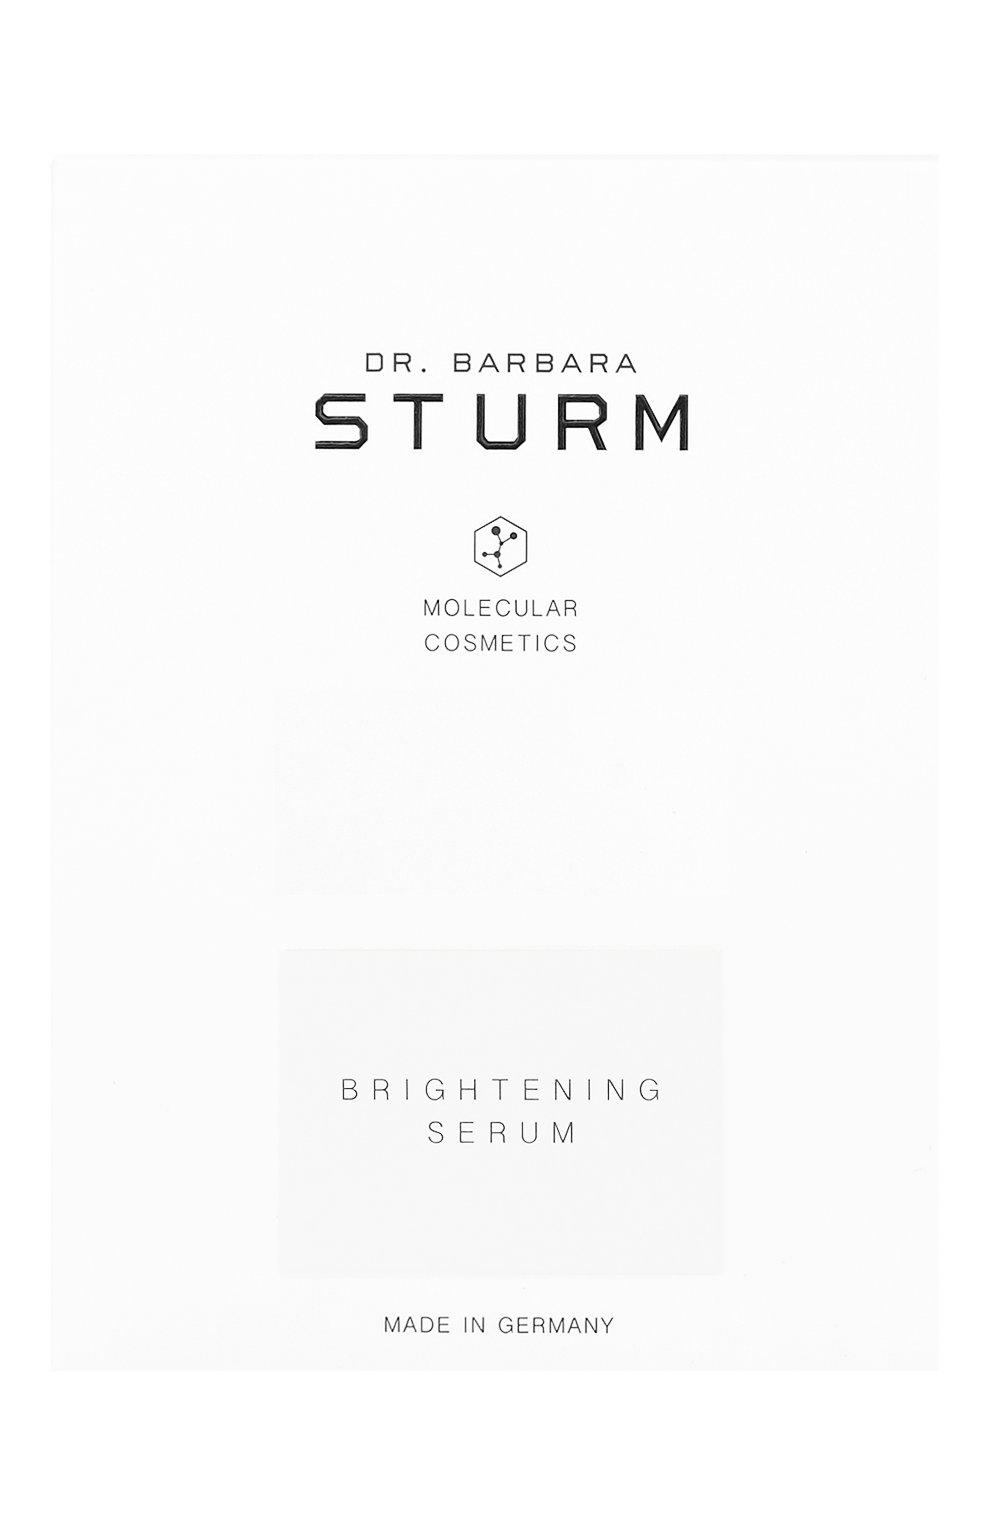 Увлажняющая сыворотка для лица Brightening Serum Dr. Barbara Sturm | Фото №4